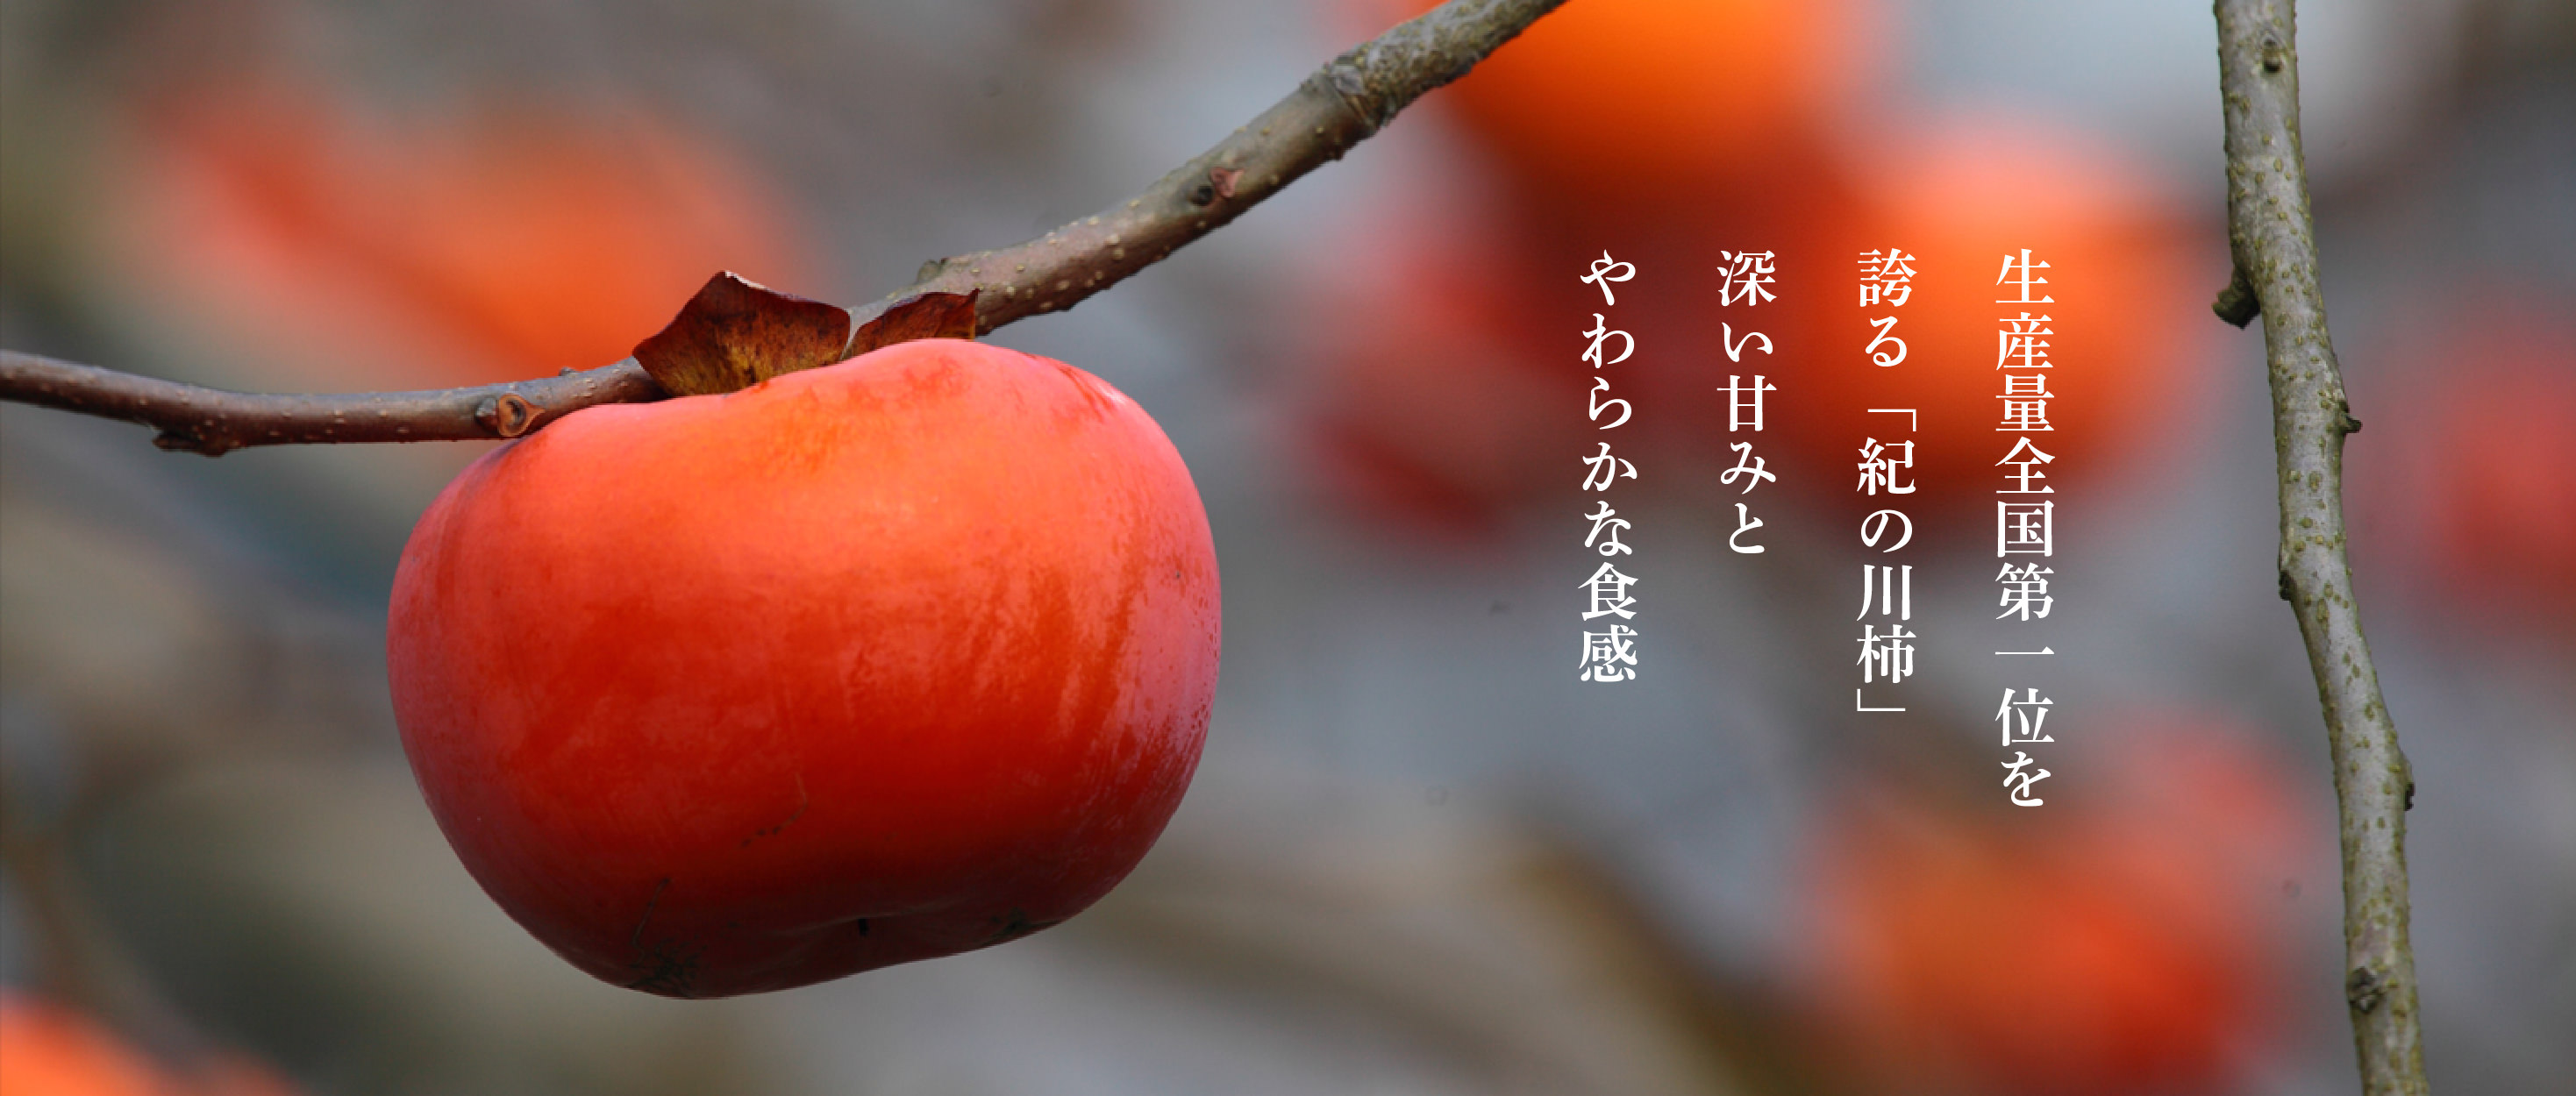 生産量全国第一位を誇る「紀の川柿」 深い甘味とやわらかな食感